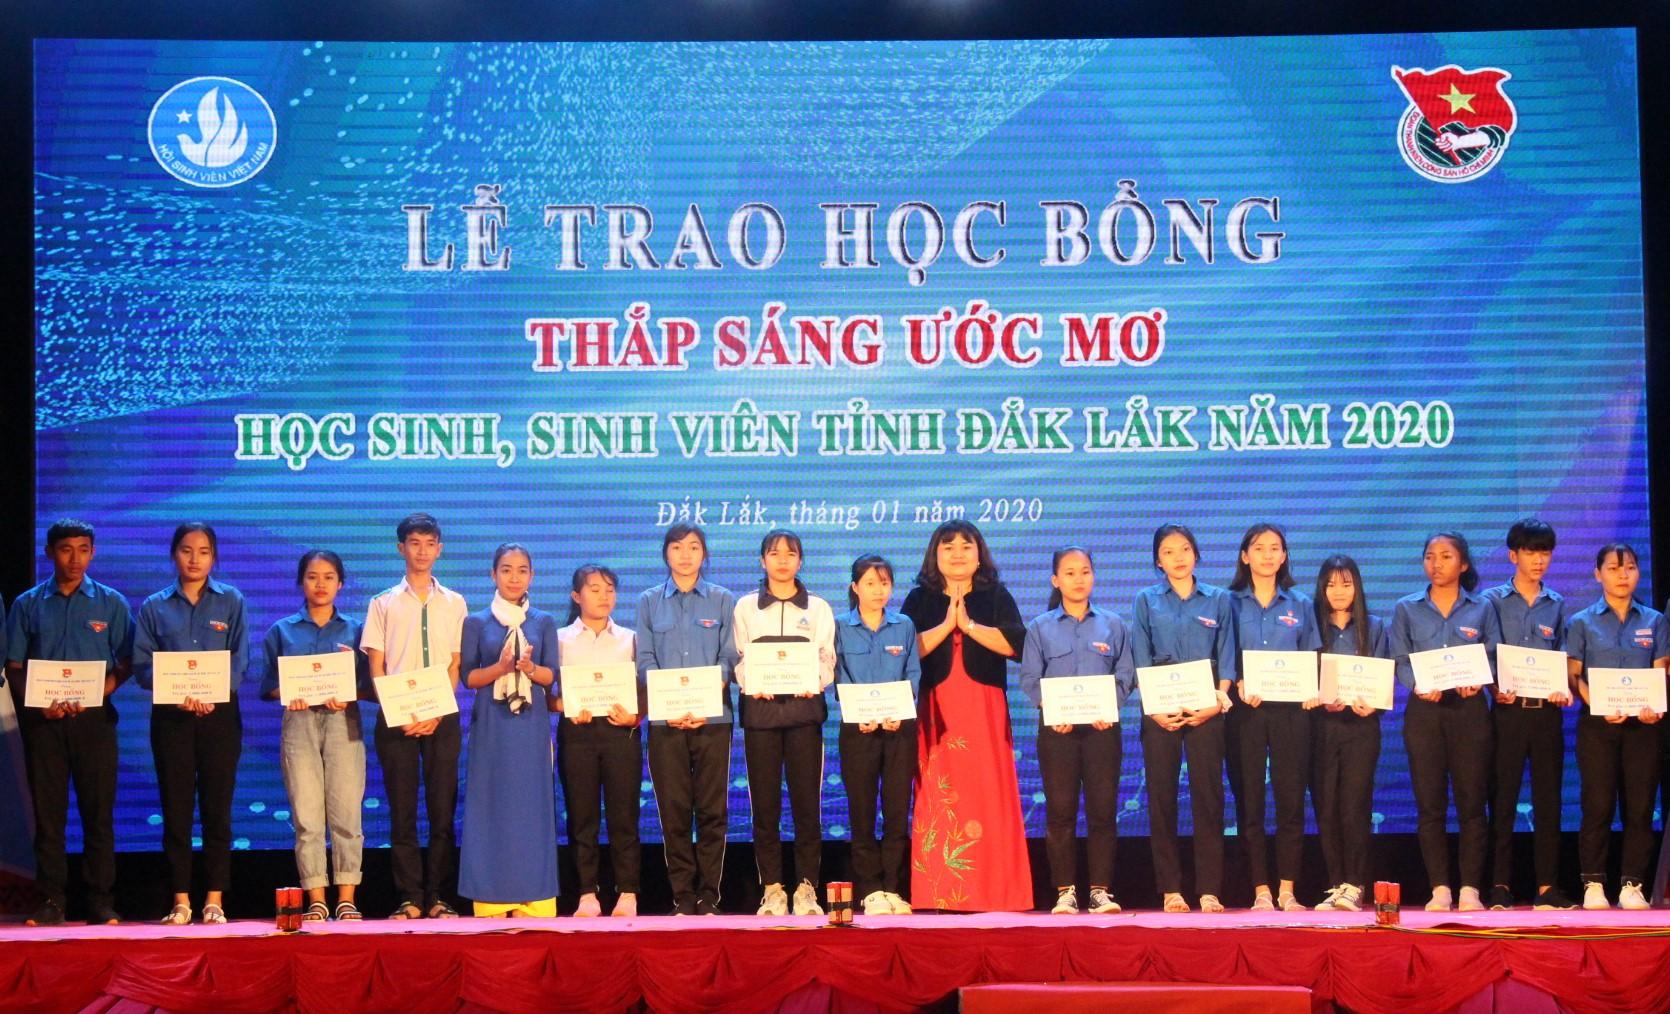 Kỷ niệm 70 năm Ngày truyền thống học sinh, sinh viên và Hội Sinh viên Việt Nam (9/1/1950 – 9/1/2020)